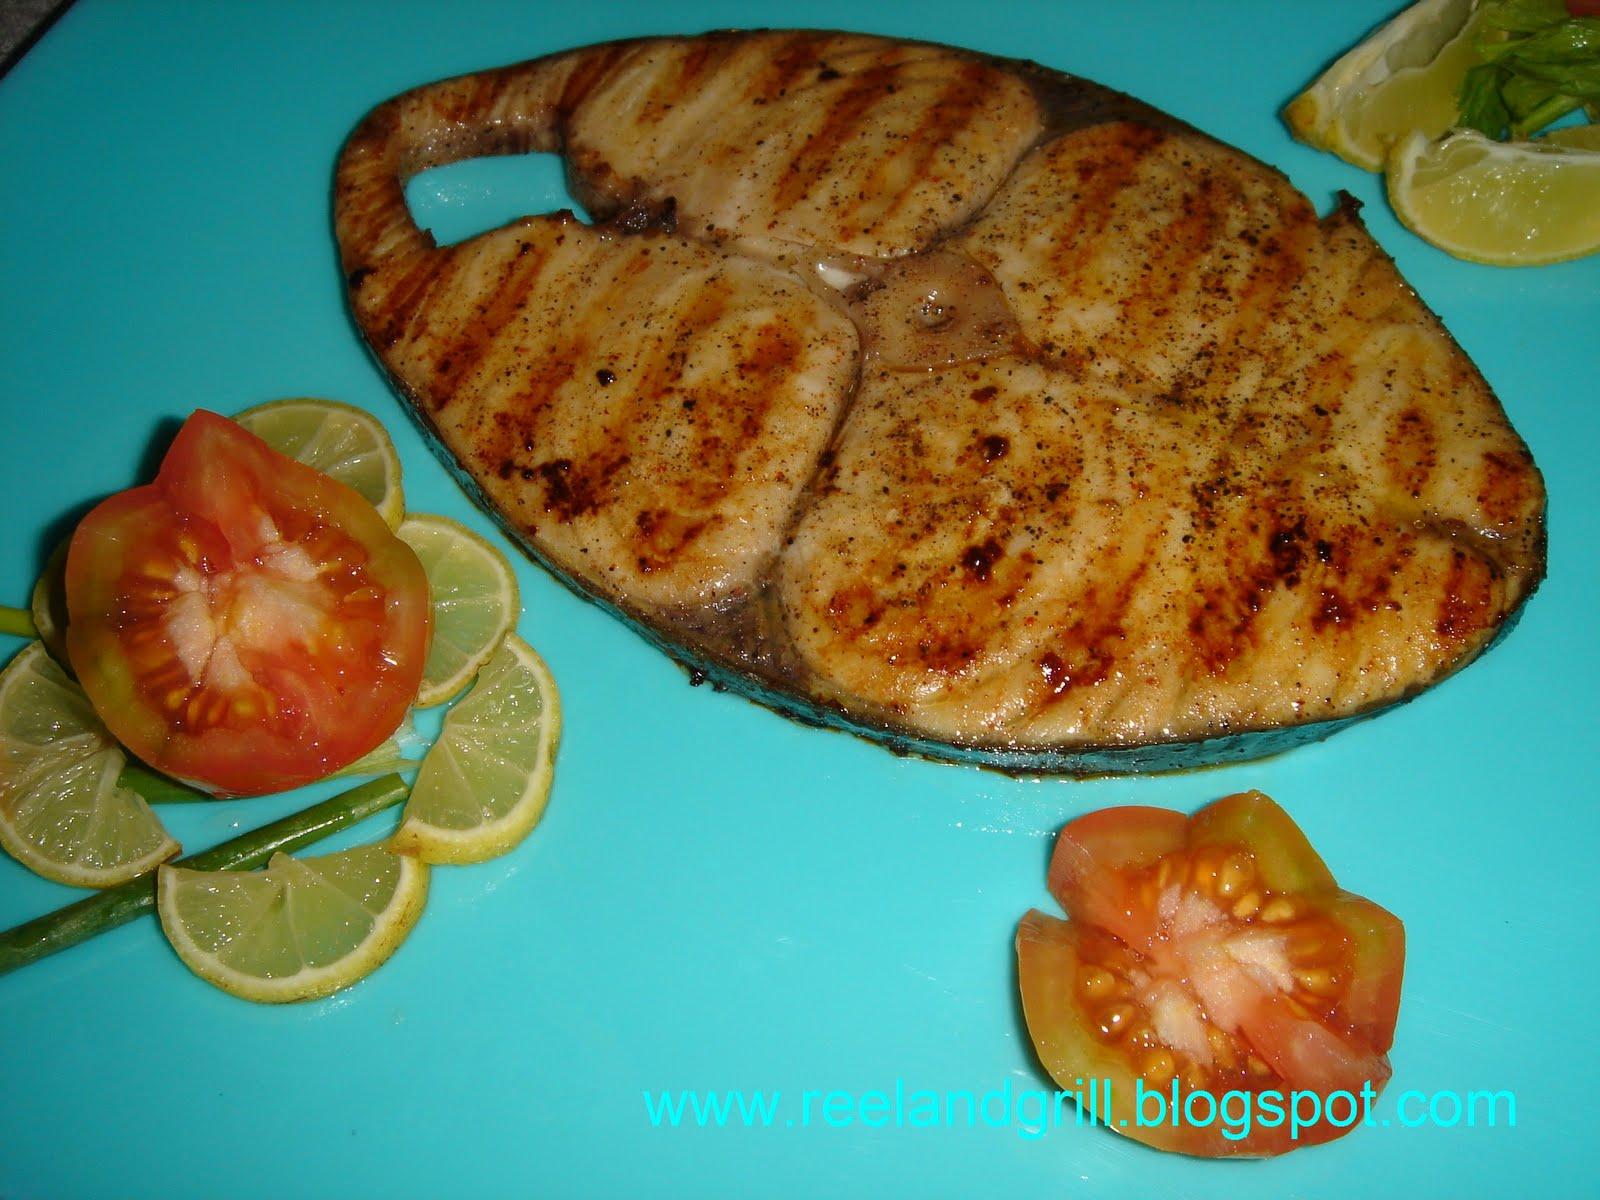 Reel and Grill: Tanigue Steak (Seer Fish Steak)